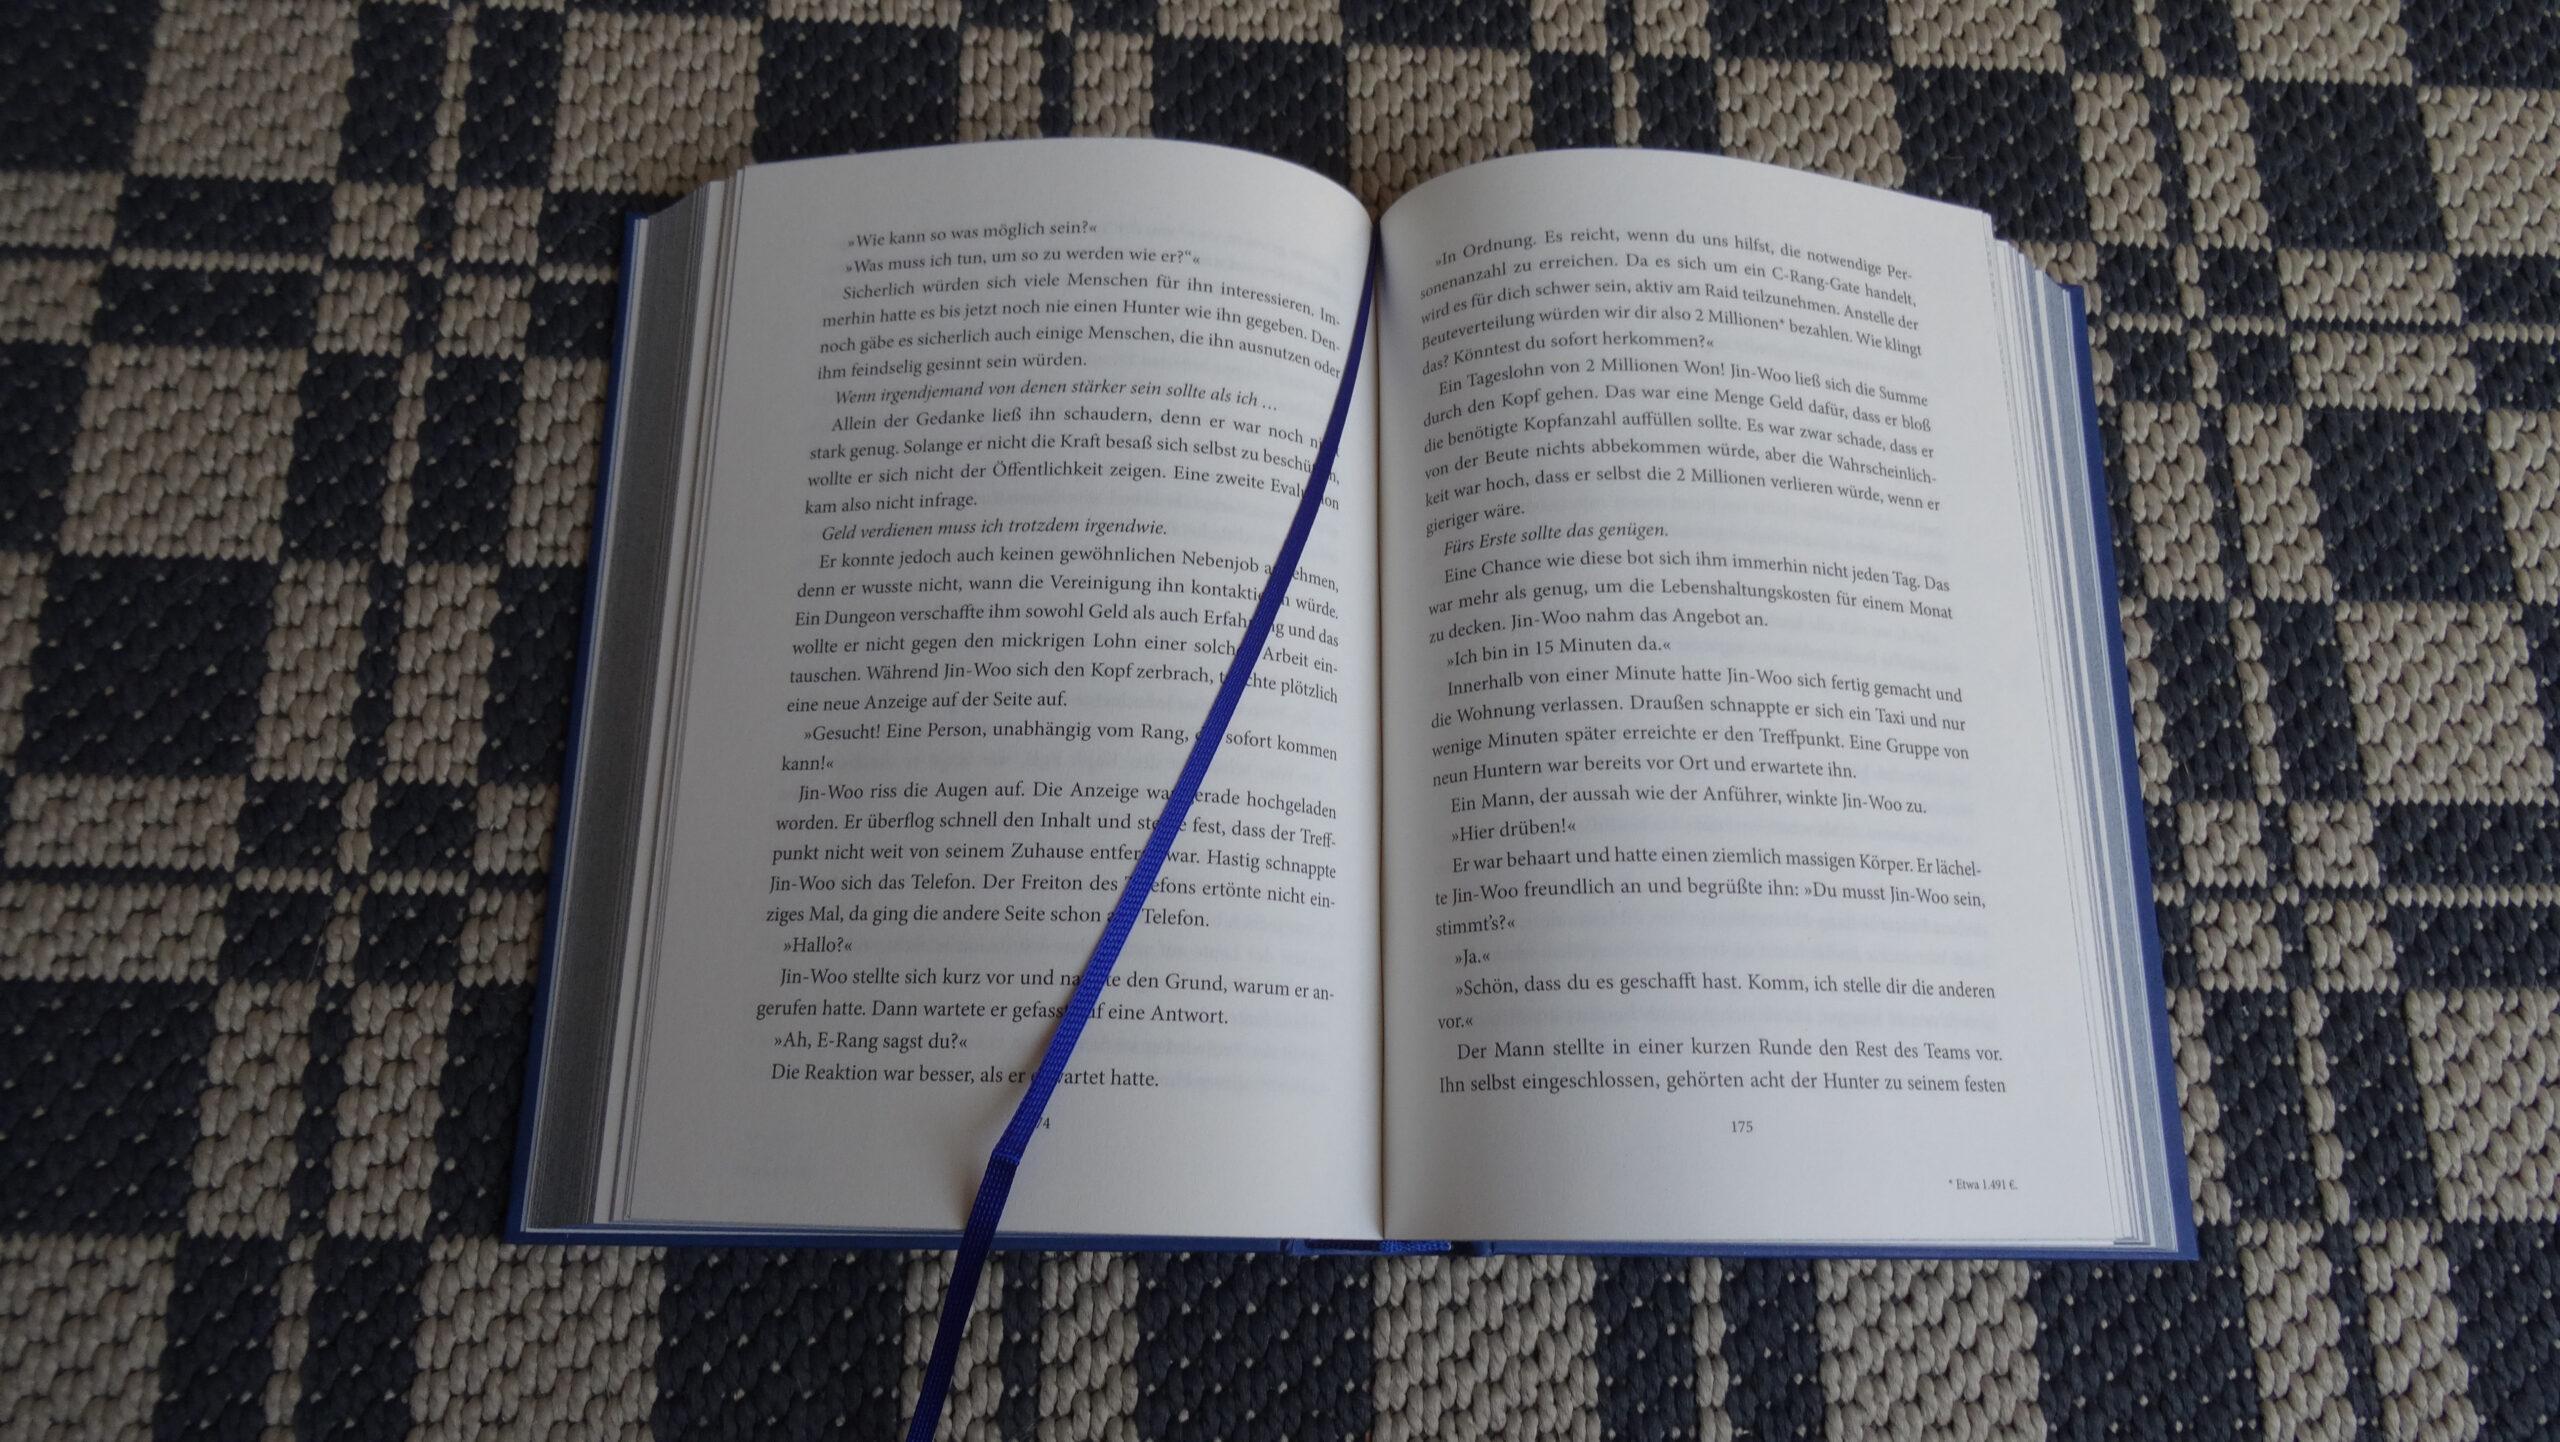 Das Bild zeigt das blaue Lesezeichen des ersten Bandes von Solo Leveling.